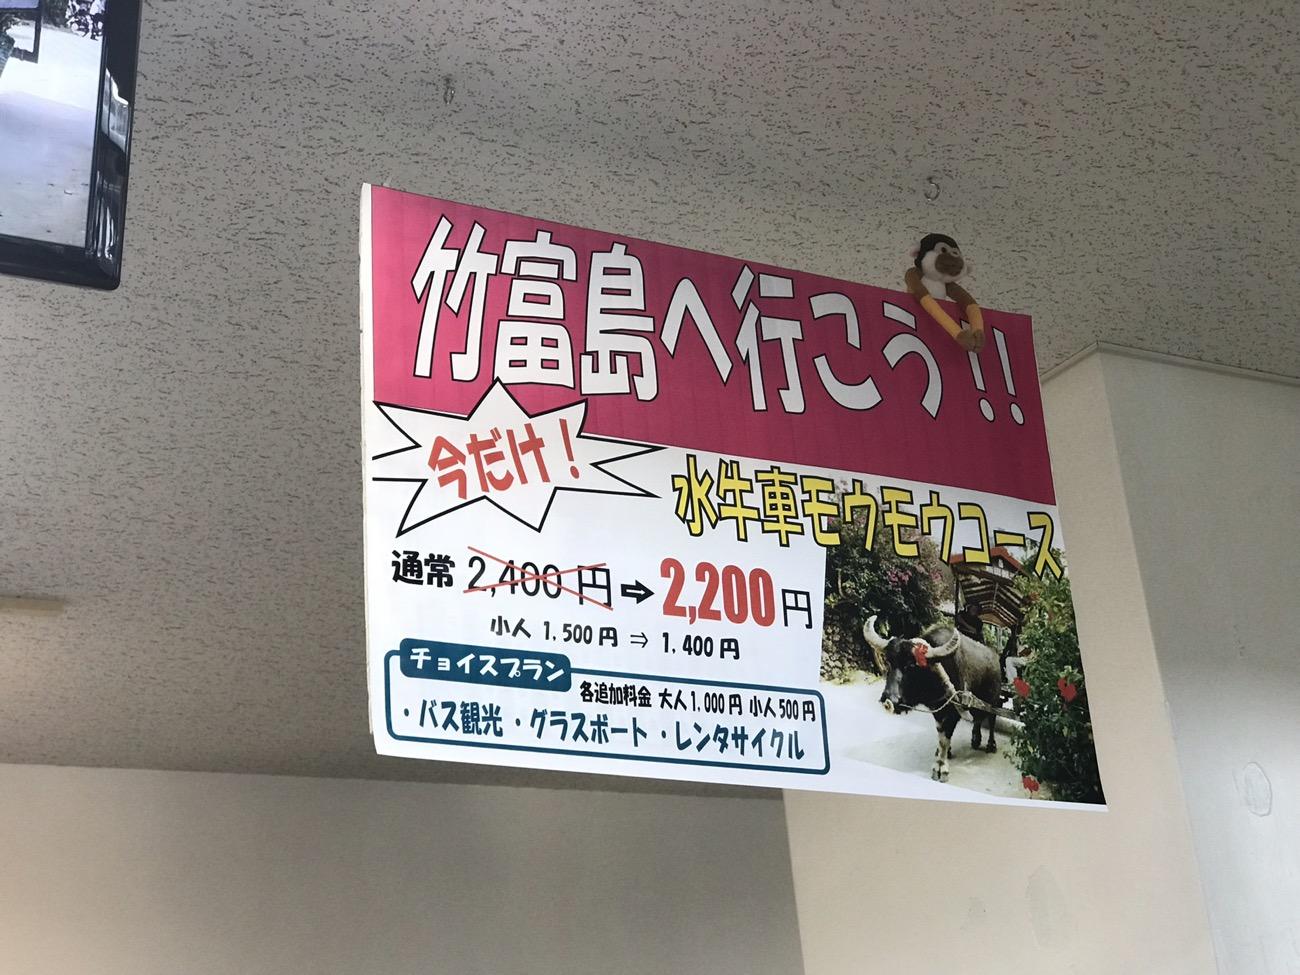 石垣島から竹富島への行き方アクセス 時間